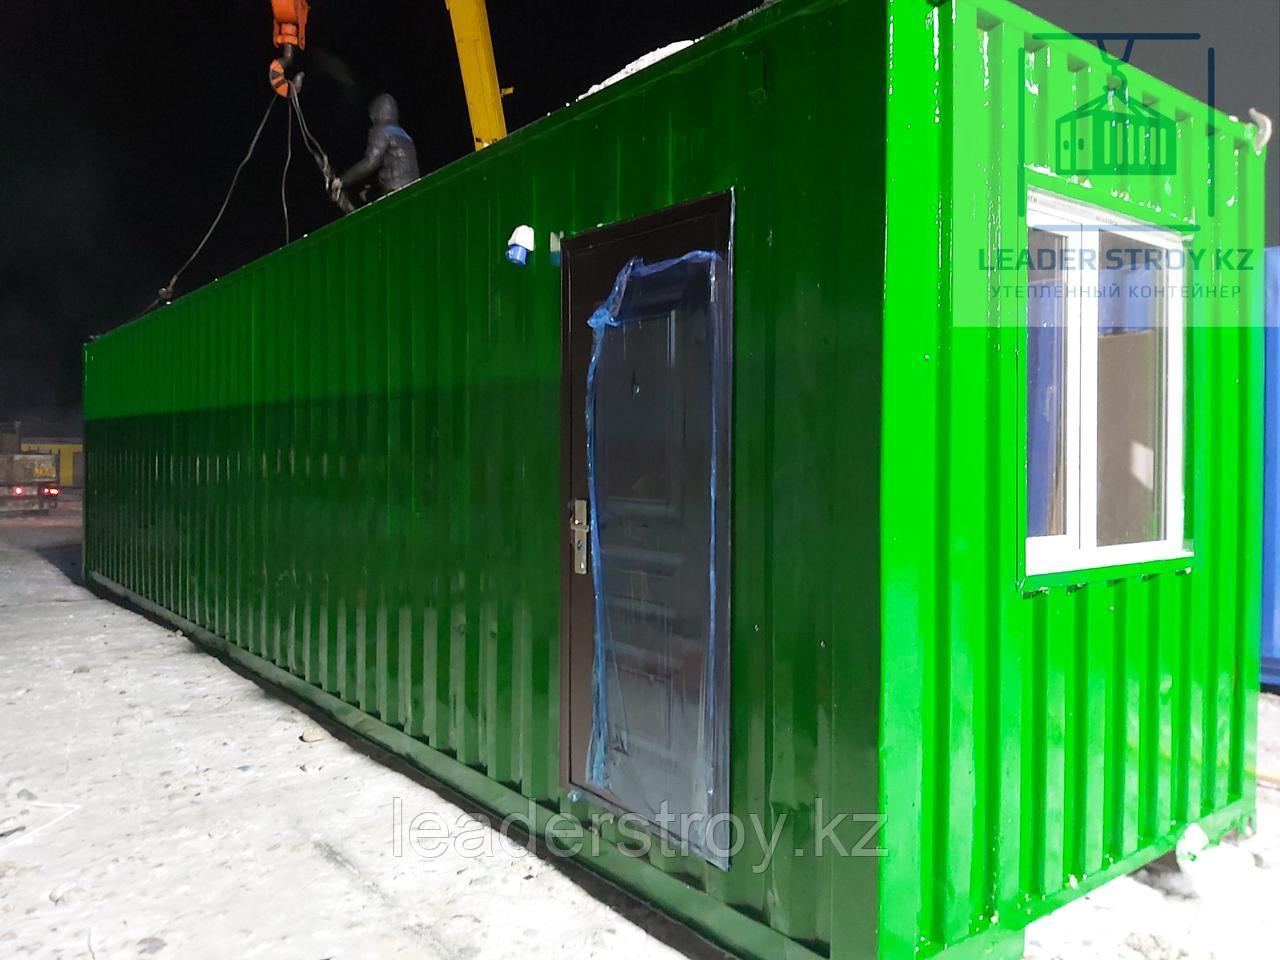 Контейнер для инструментов (складской) из 40 фут.